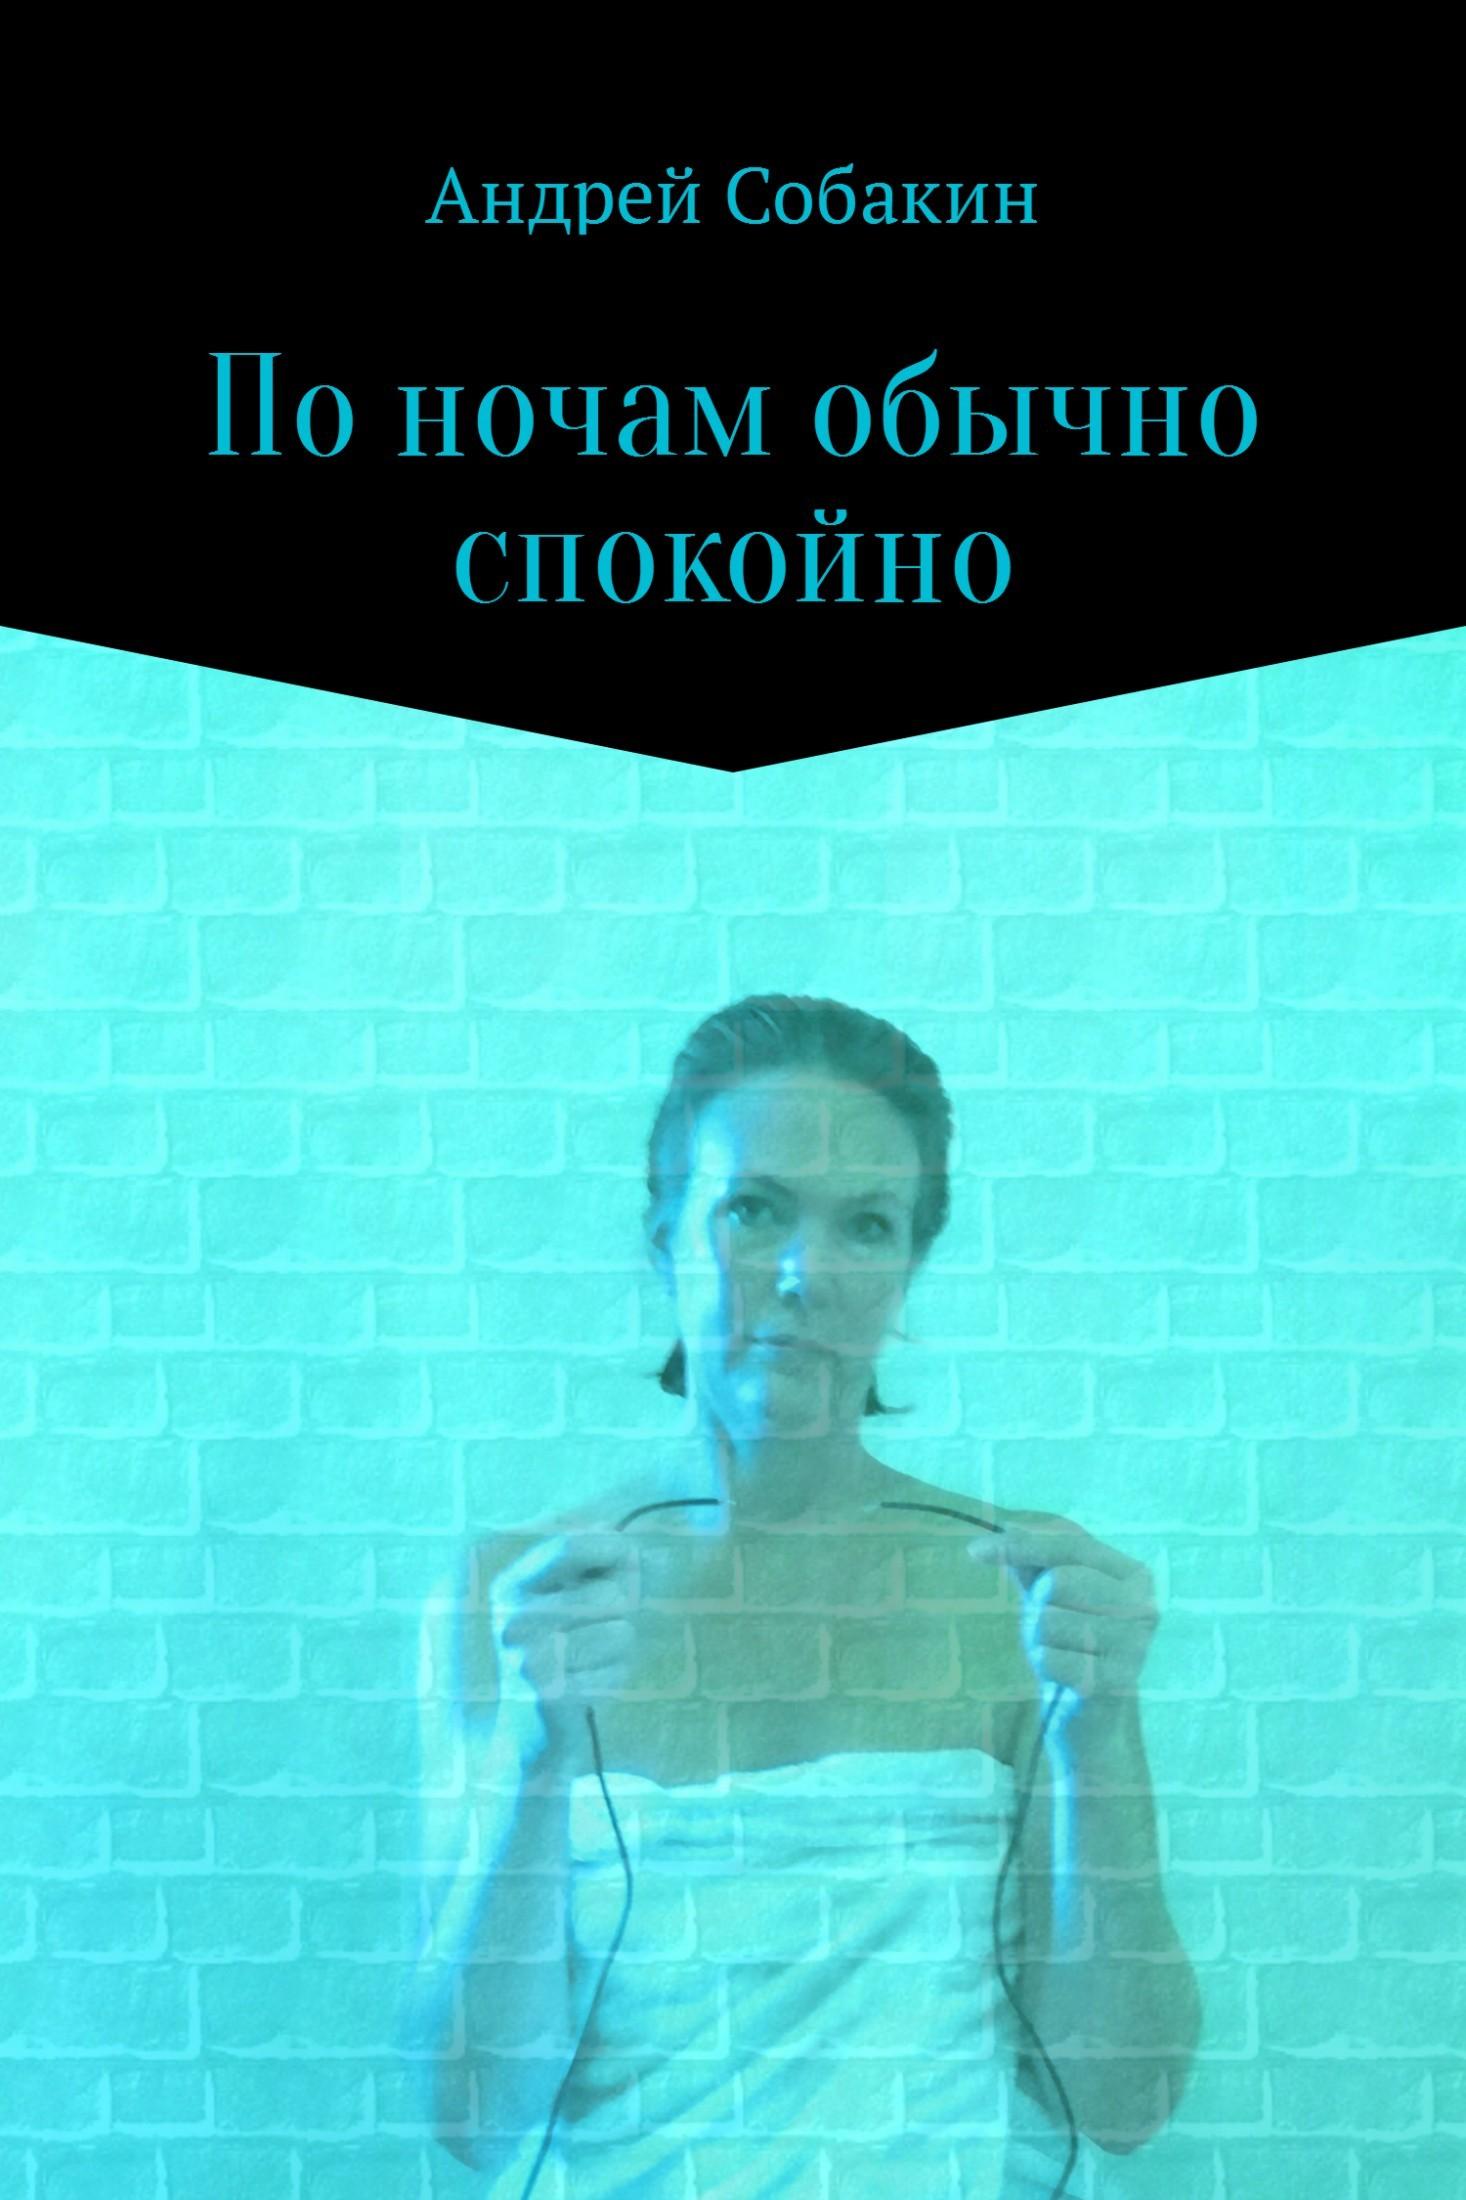 Андрей Собакин По ночам обычно спокойно секреты самодостаточности что делать если вы всегда не удовлетворены